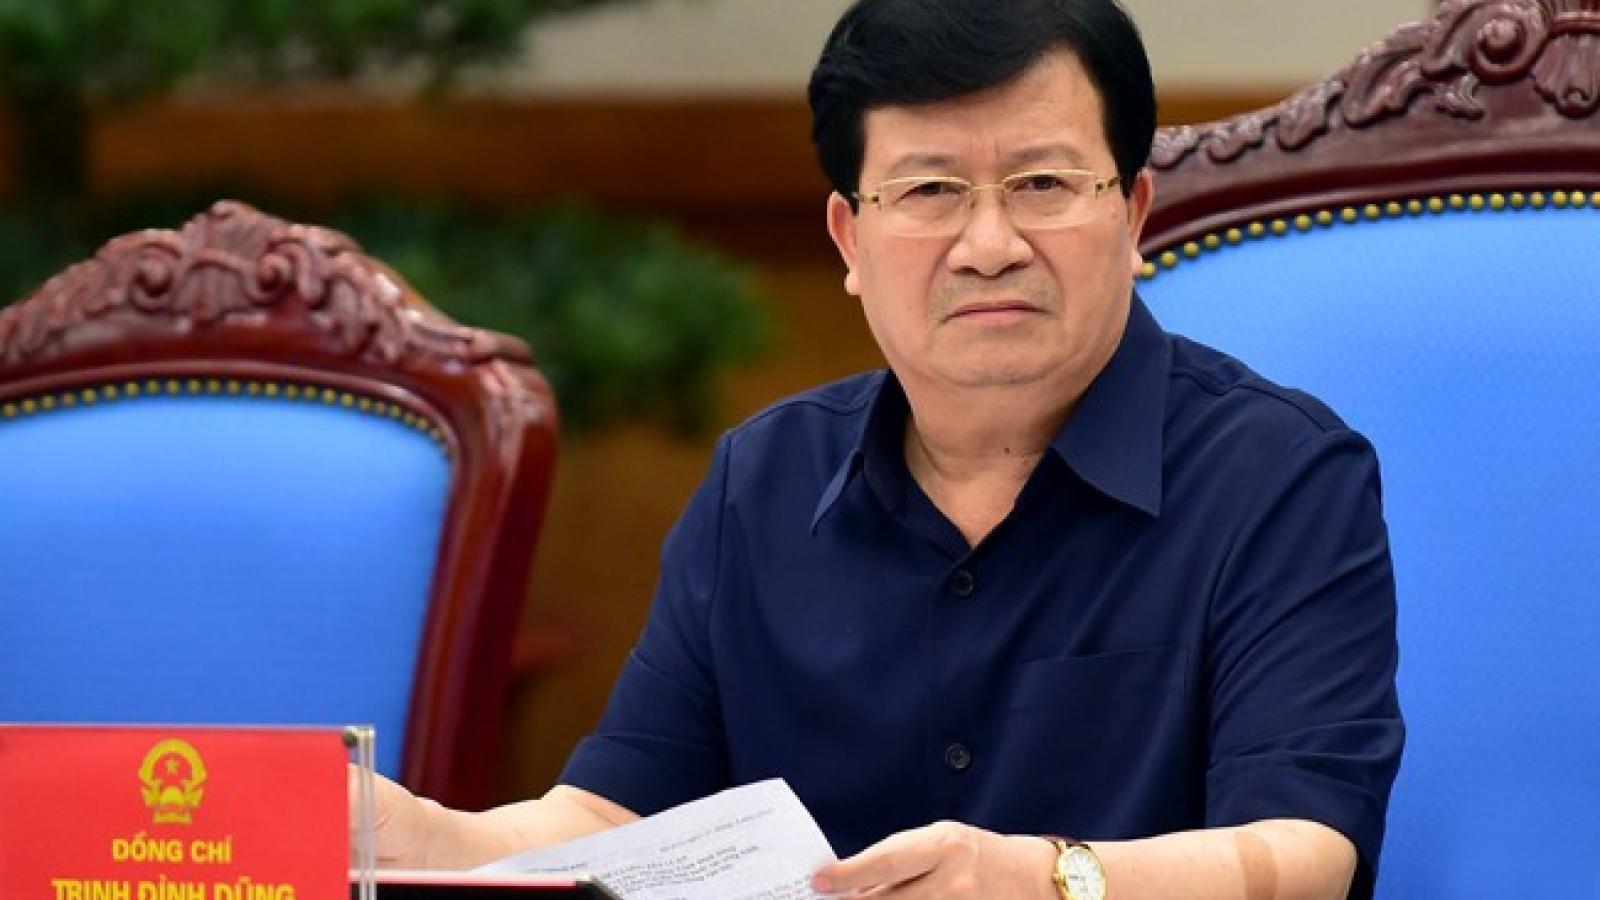 Phó Thủ tướng Trịnh Đình Dũng: Tạm ứng hạn ngạch 100.000 tấn gạo